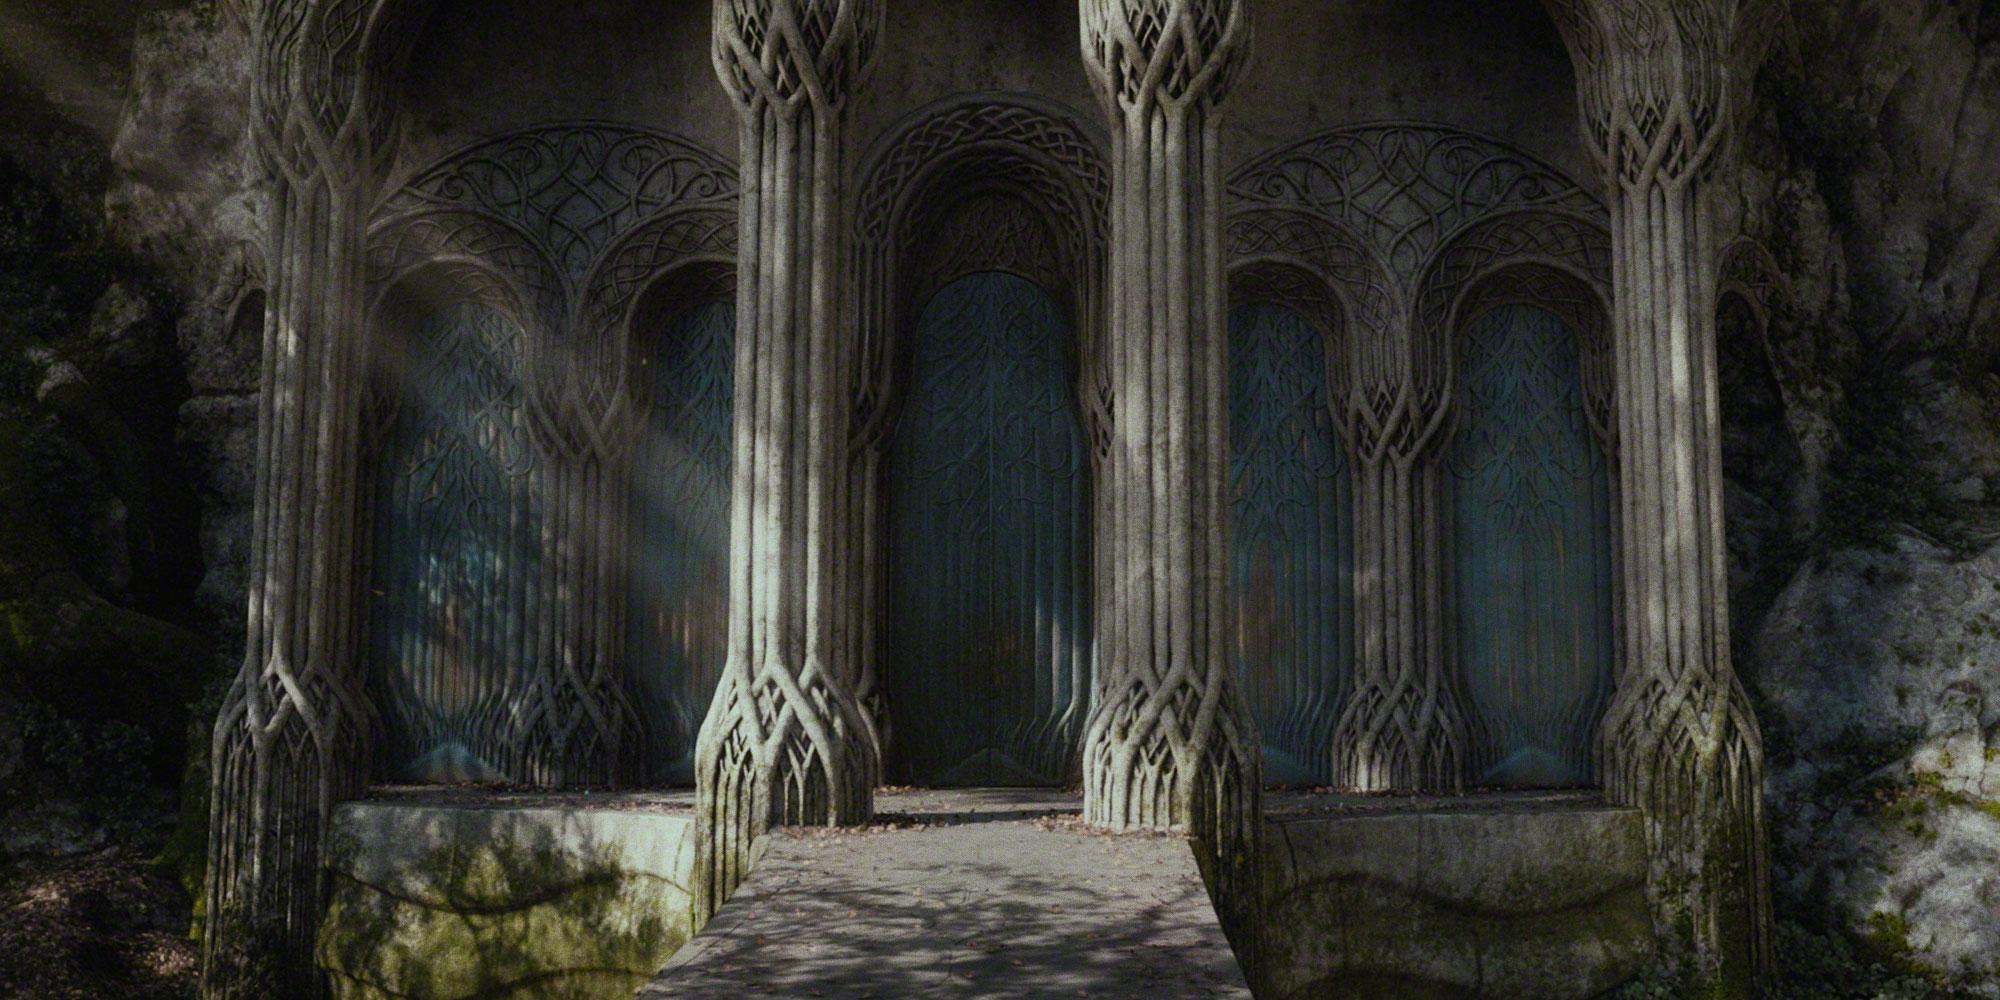 Halls_of_Thranduil_-_Entrance.jpg